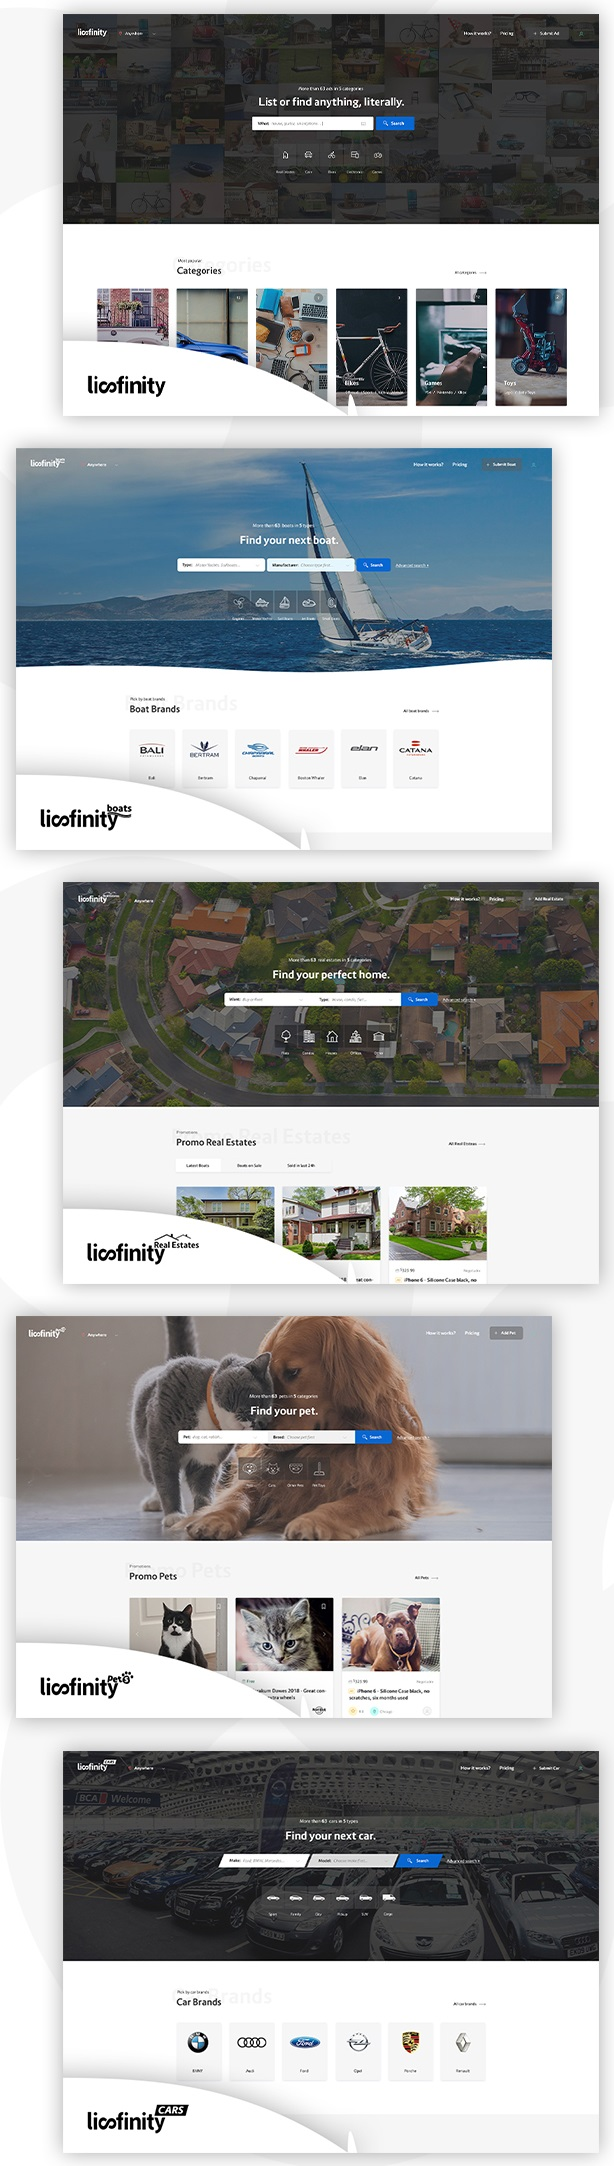 دانلود قالب آگهی لیسفینیتی Lisfinity برای وردپرس